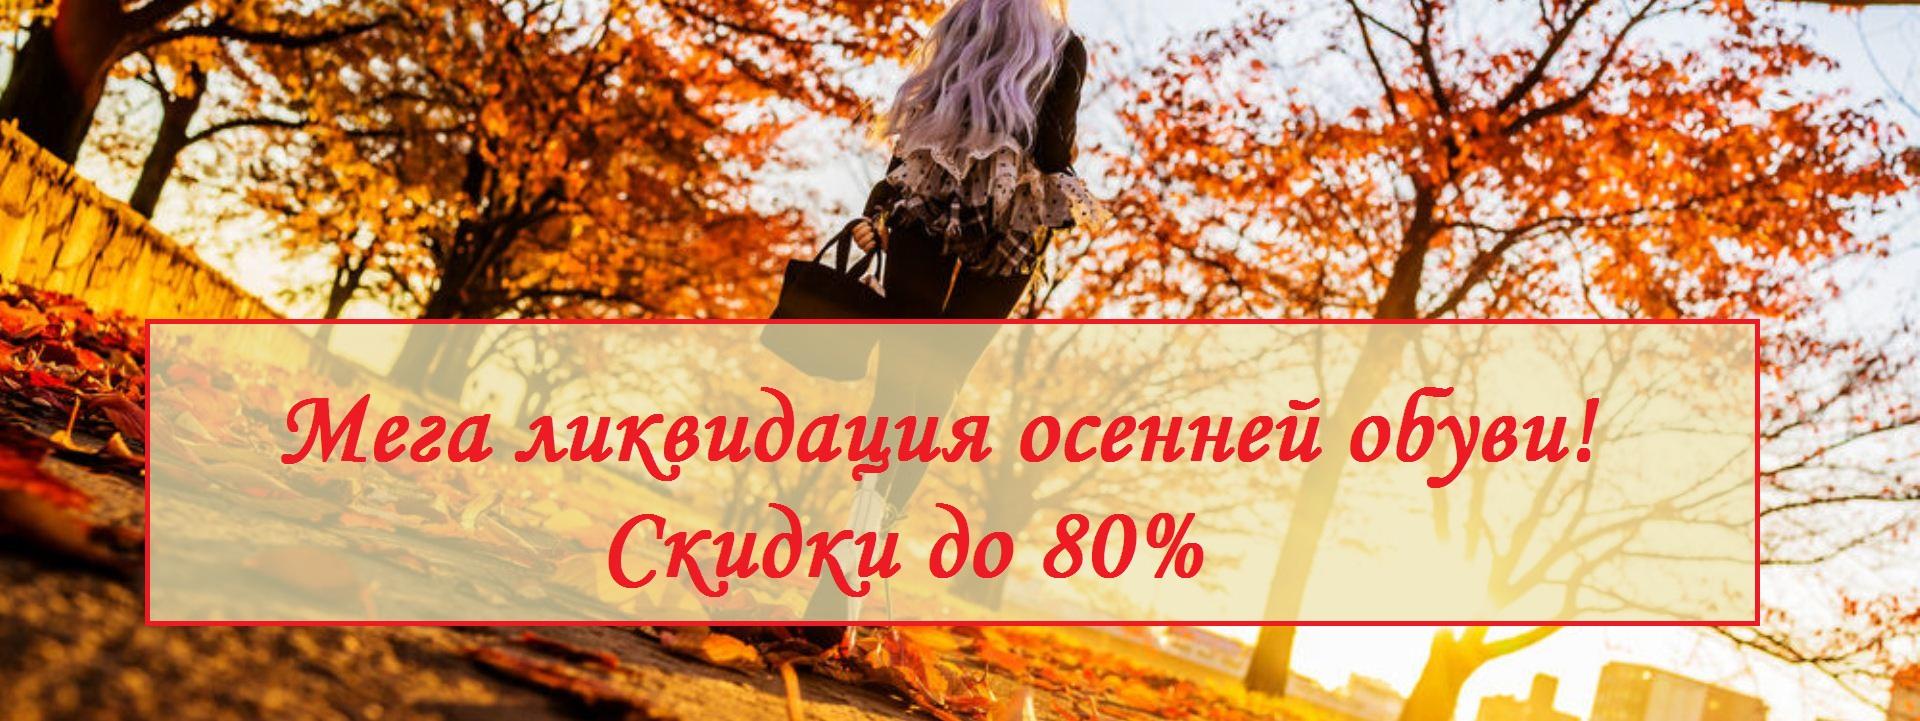 rasprodazha_osenney_obuvi